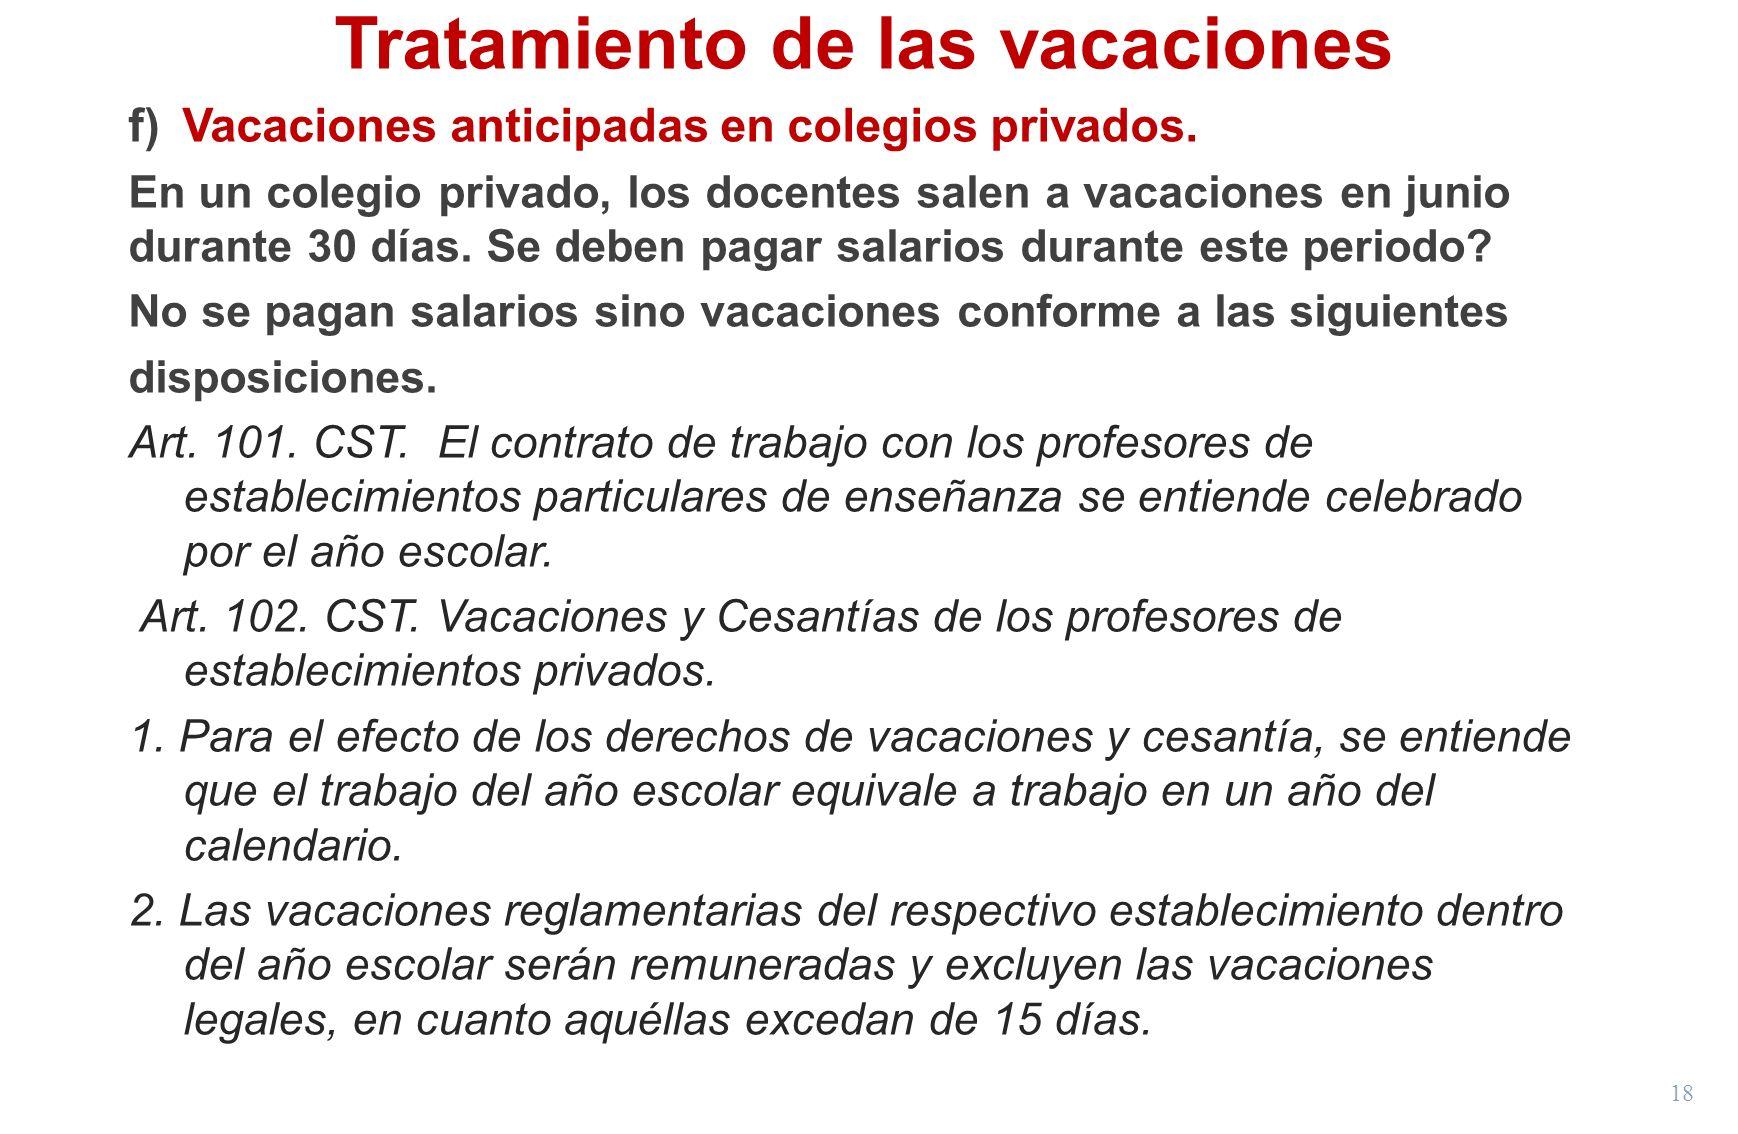 18 Tratamiento de las vacaciones f)Vacaciones anticipadas en colegios privados. En un colegio privado, los docentes salen a vacaciones en junio durant